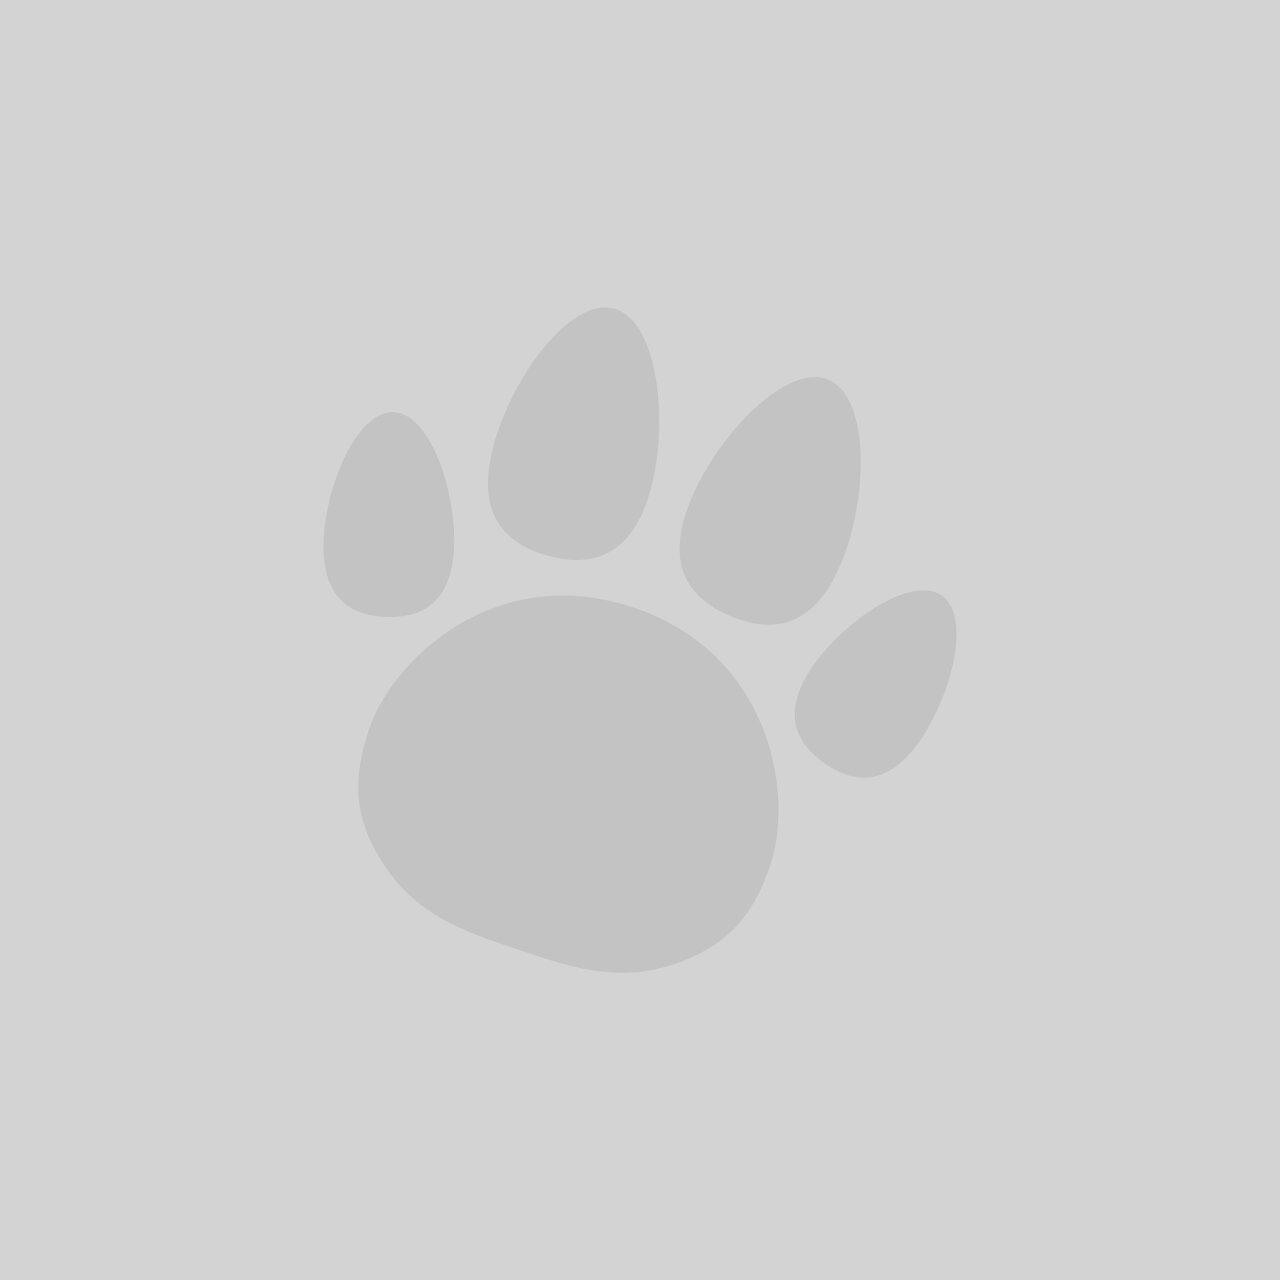 Beaphar Canicomfort Calming Diffuser Starter Kit 48ml